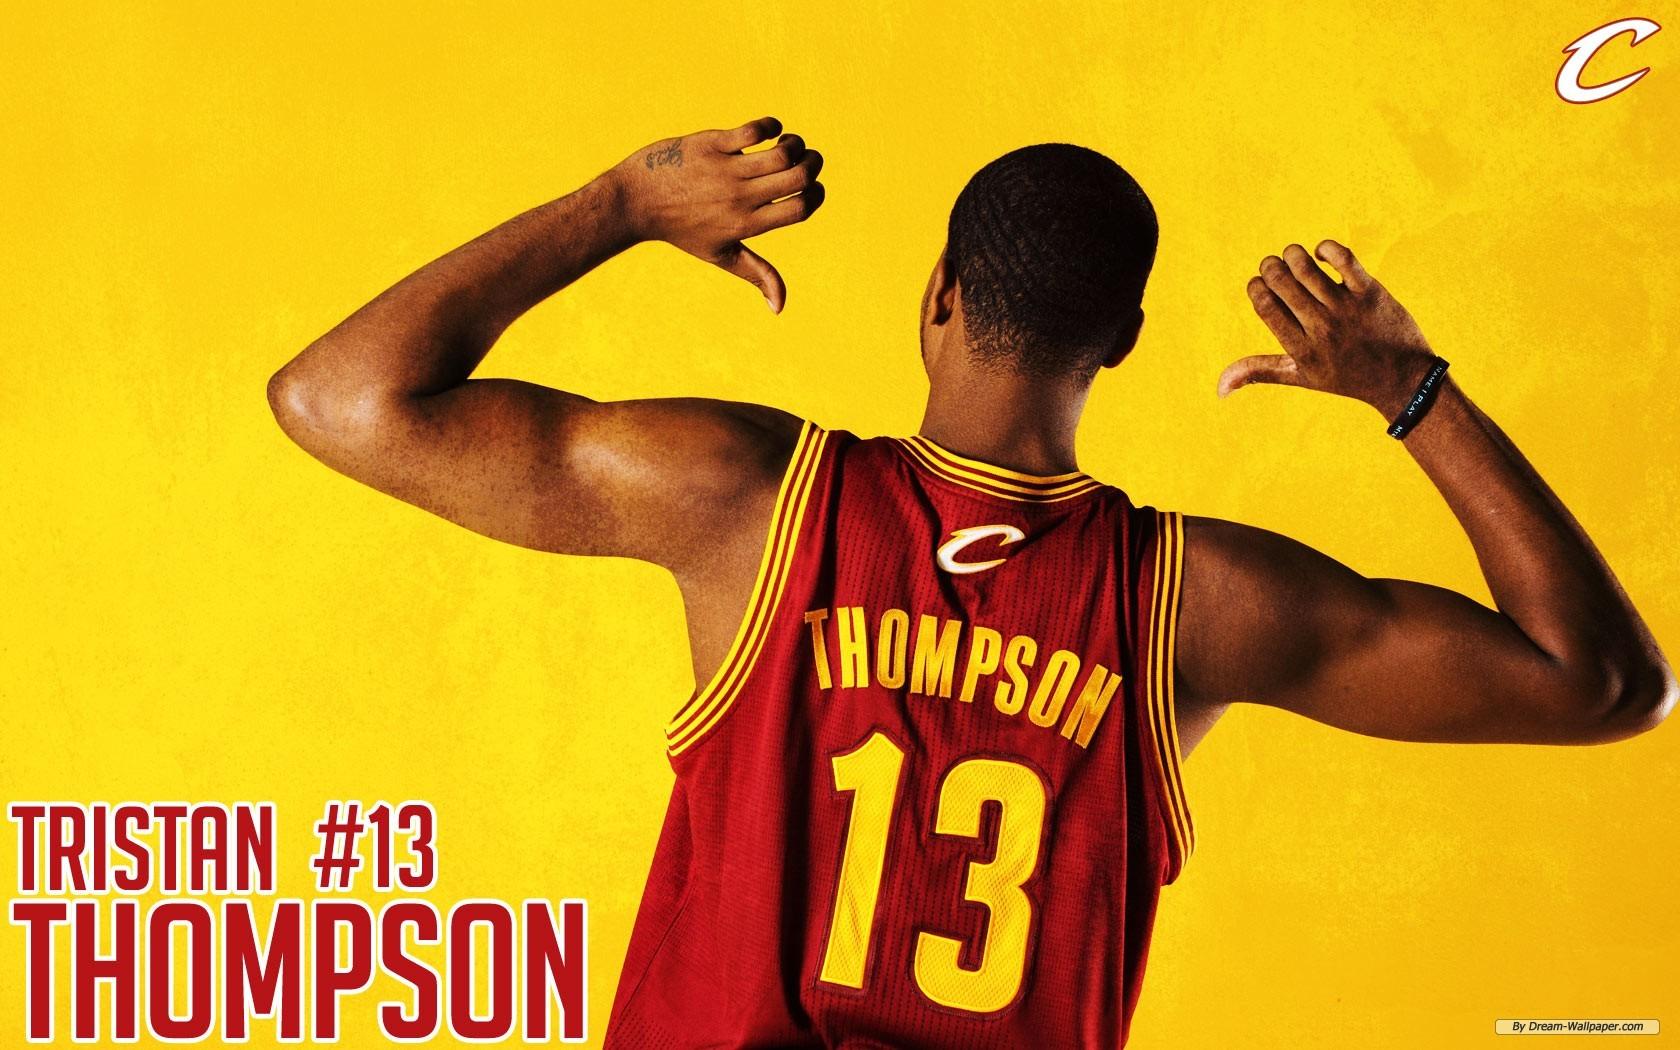 Wallpaper   Sport wallpaper   Cleveland Cavaliers 2012 wallpaper 1680x1050